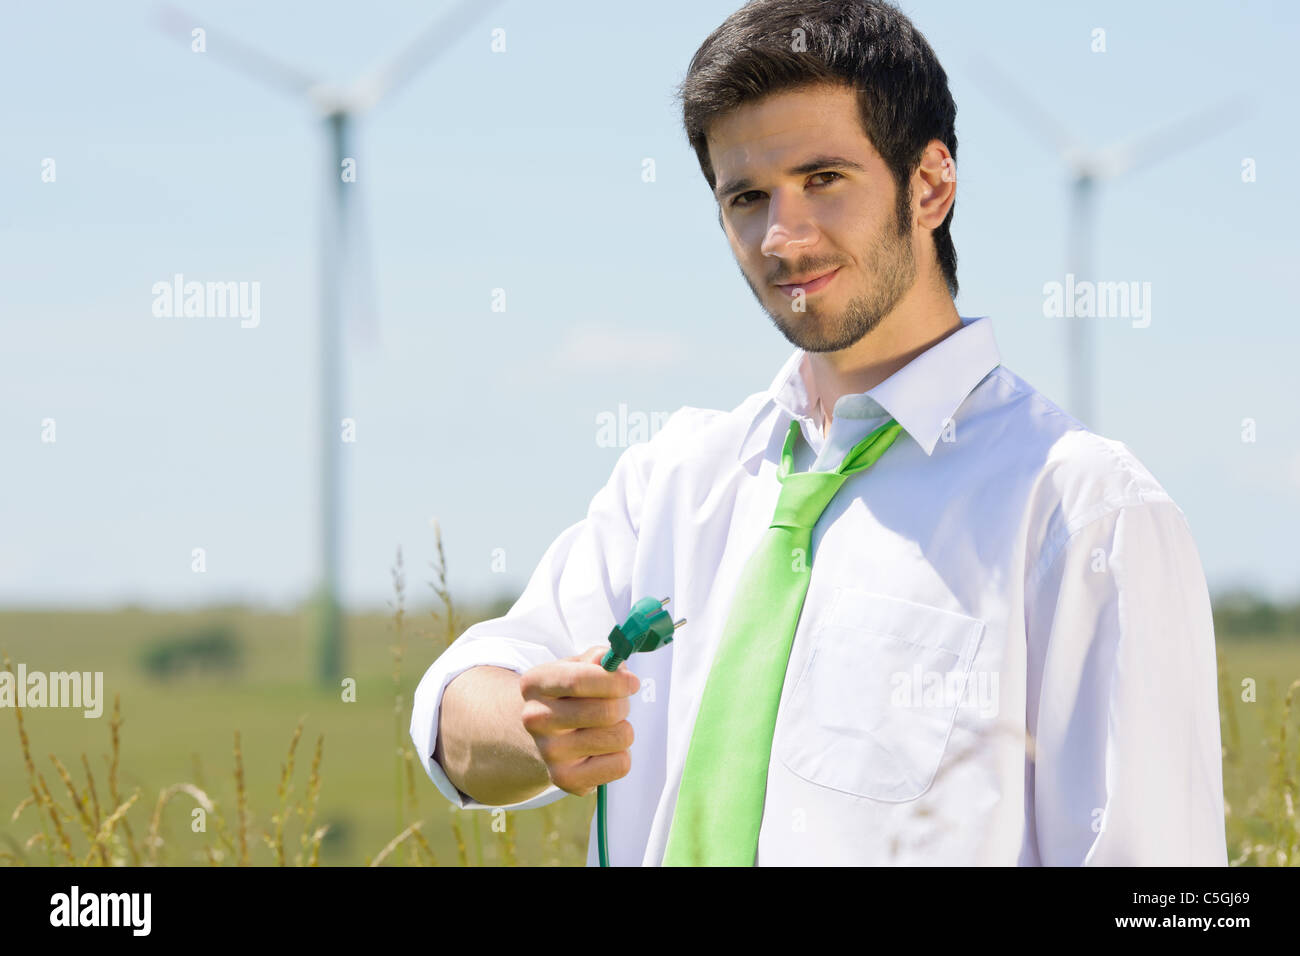 Grüne Energie - Jungunternehmer halten Stecker im Feld mit Windmühle Stockbild